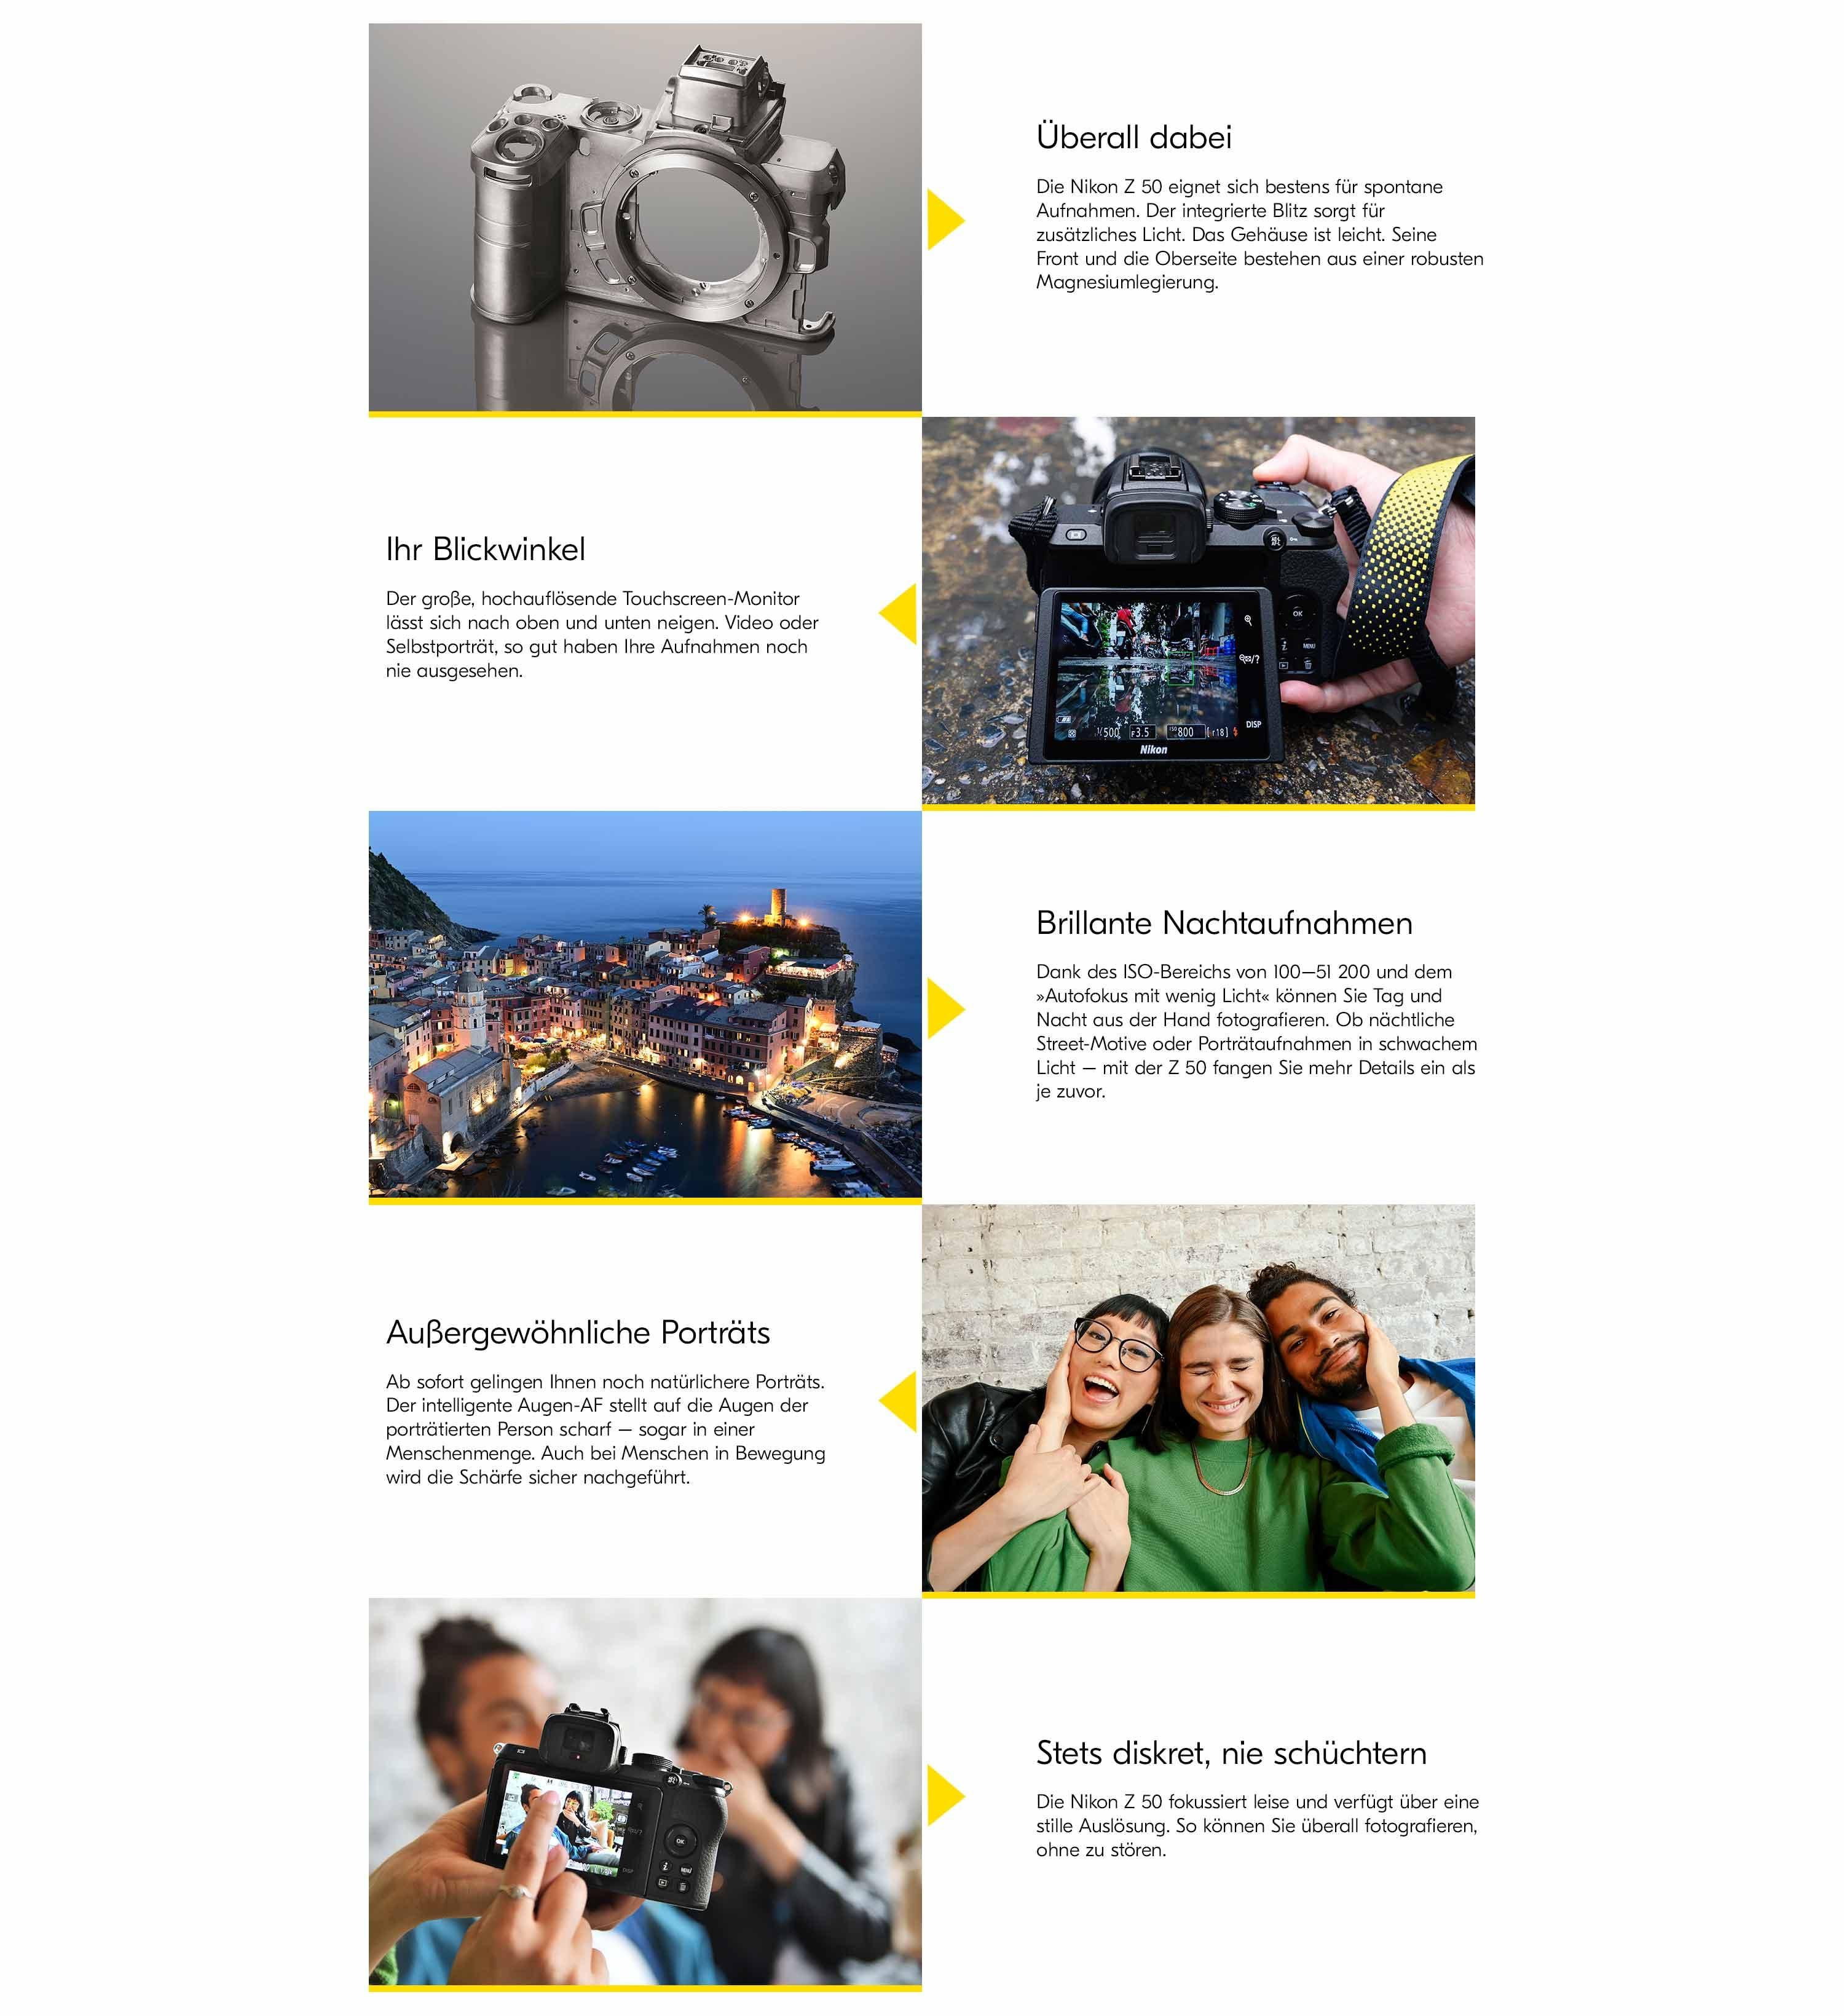 Günstige Preise Für Elektronik Foto Filme Musik Bücher Games Spielzeug Mehr